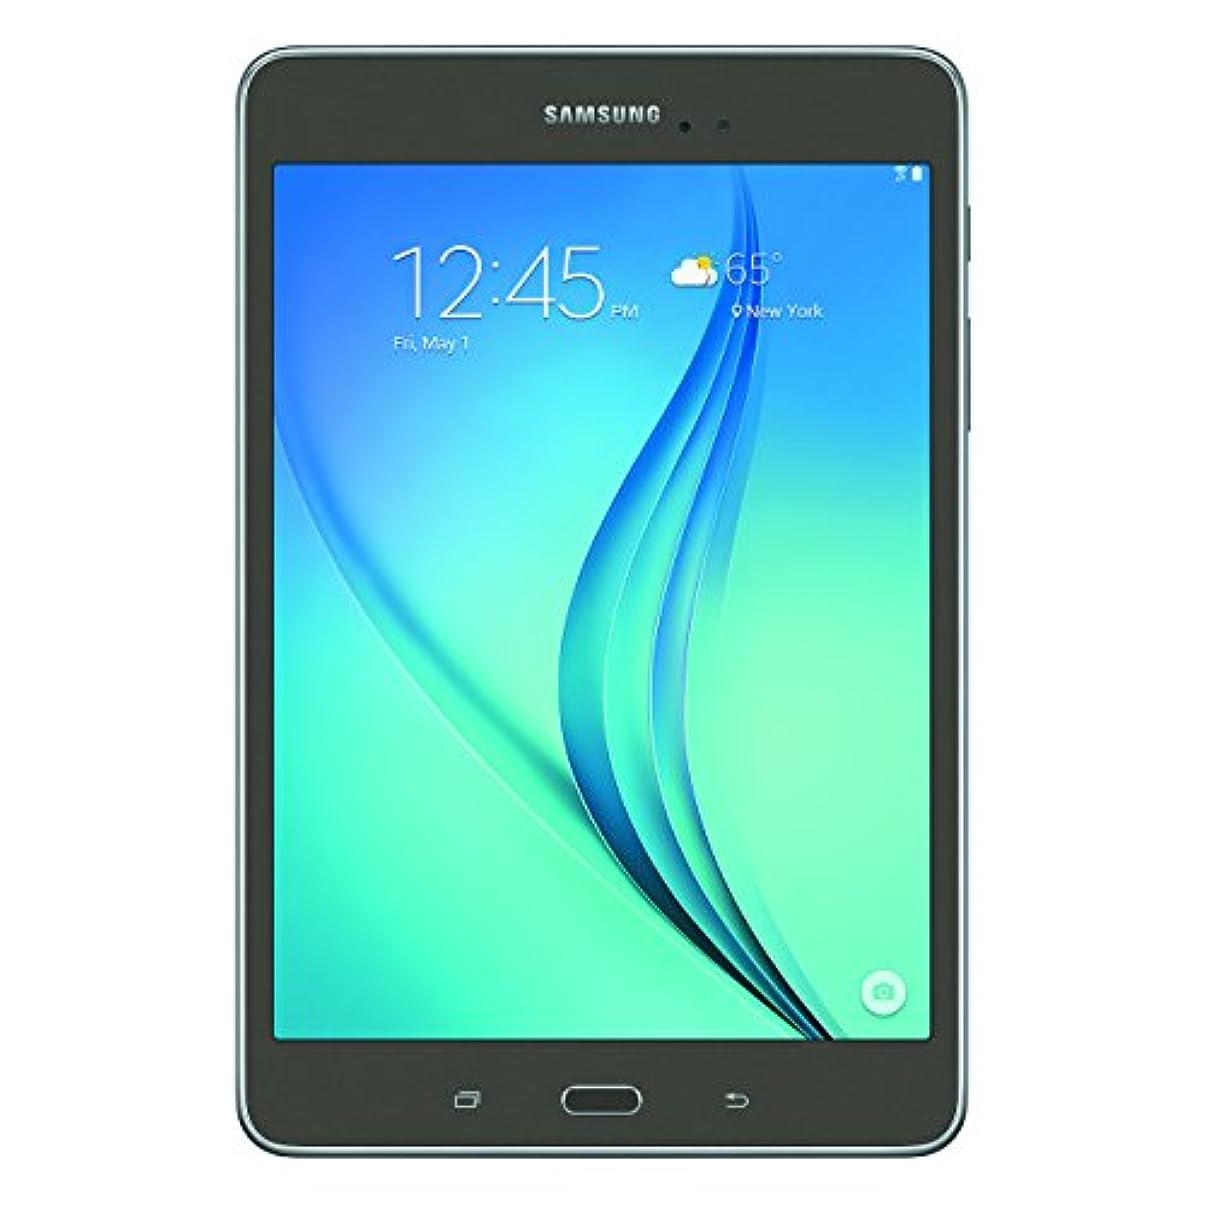 トレッドコンセンサス付き添い人Samsung Galaxy Tab A - Tablet - Android 5.0 (Lollipop) - 16 GB - 8